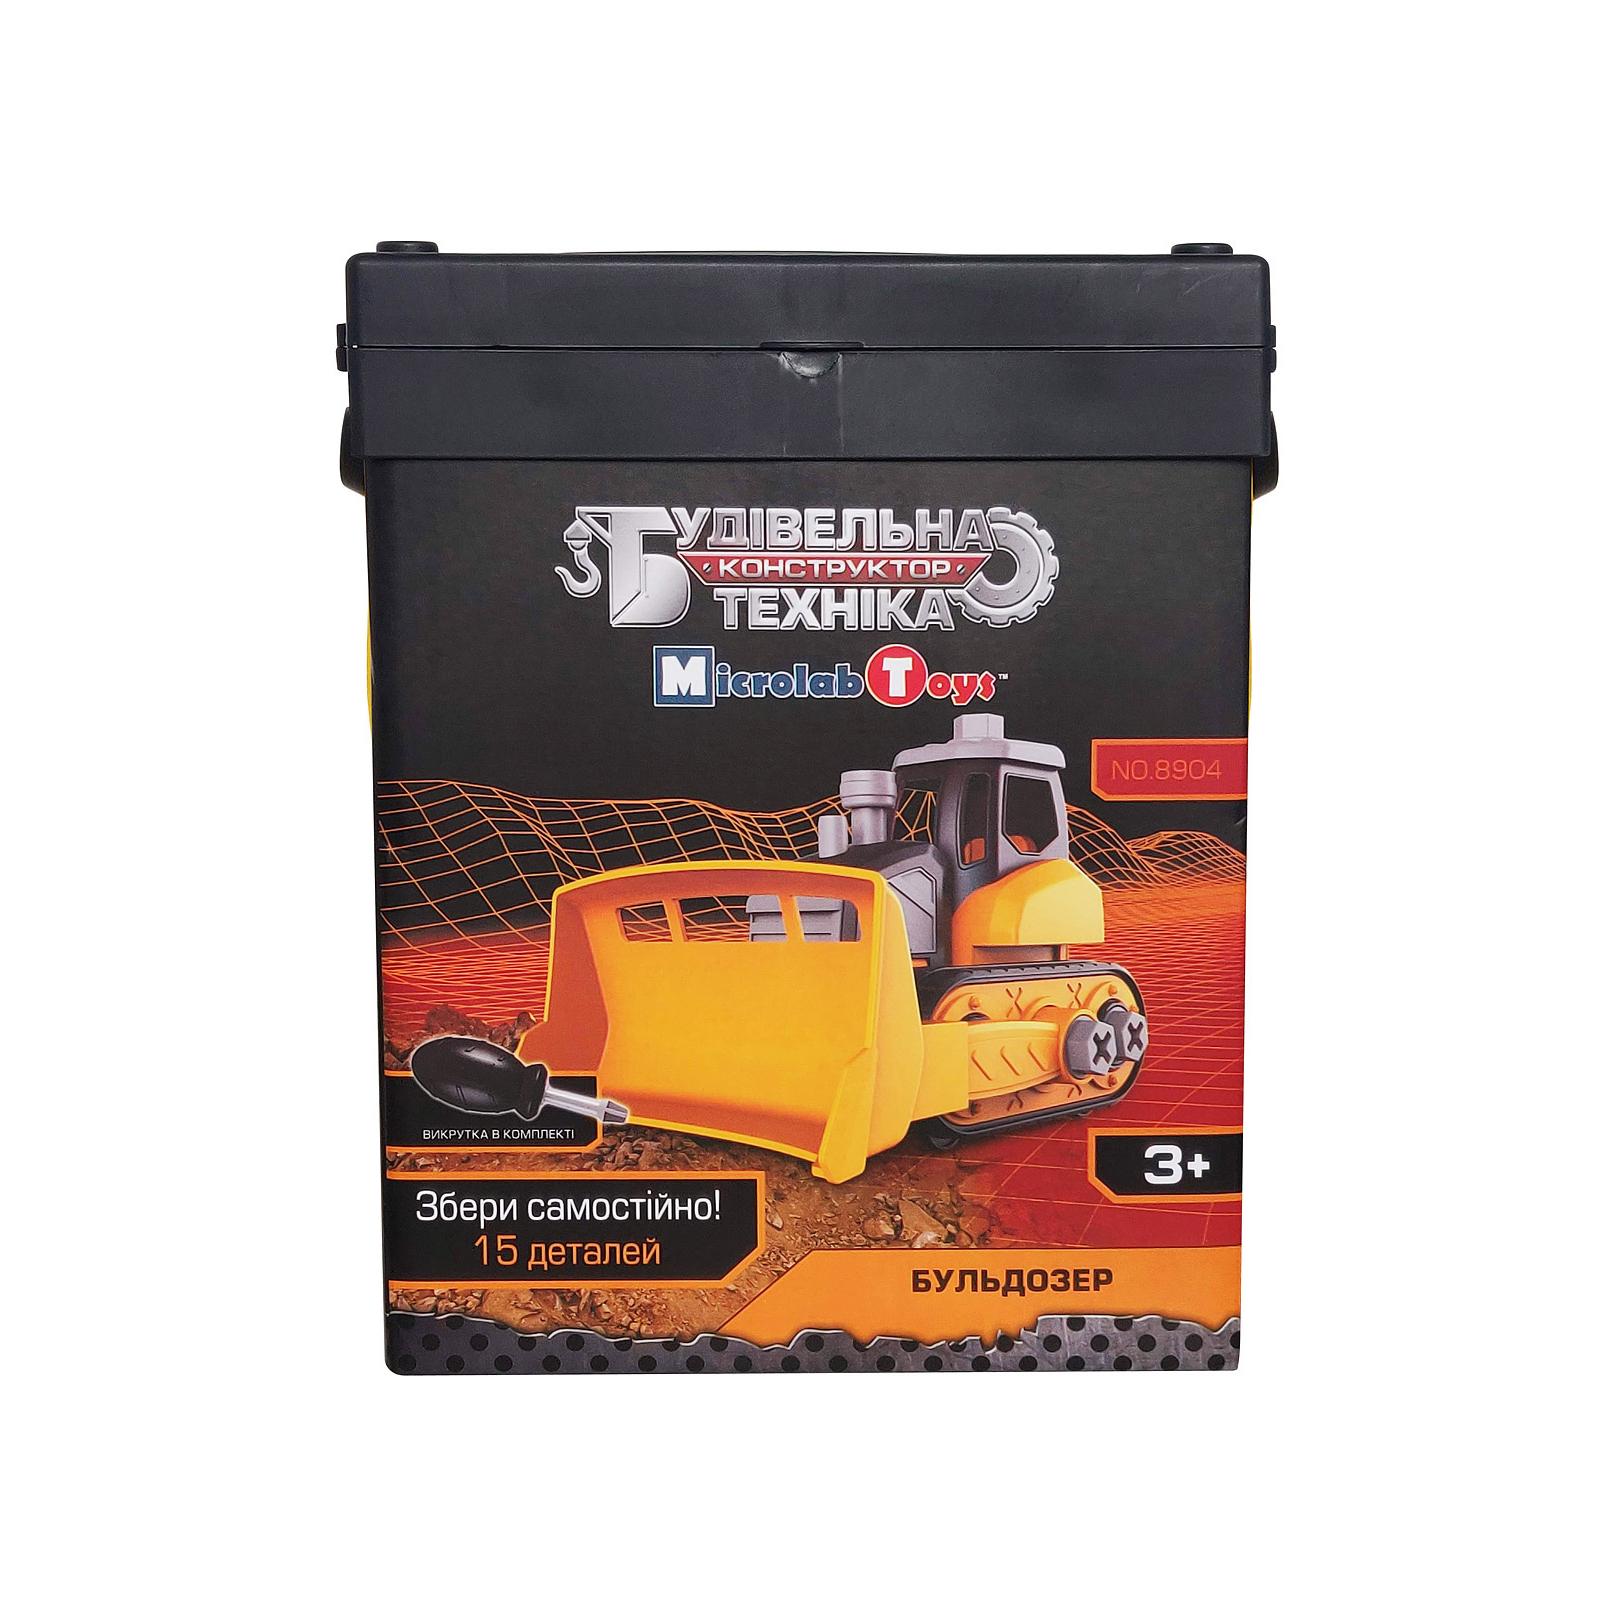 Конструктор Microlab Toys Строительная техника - бульдозеры (MT8904) изображение 2